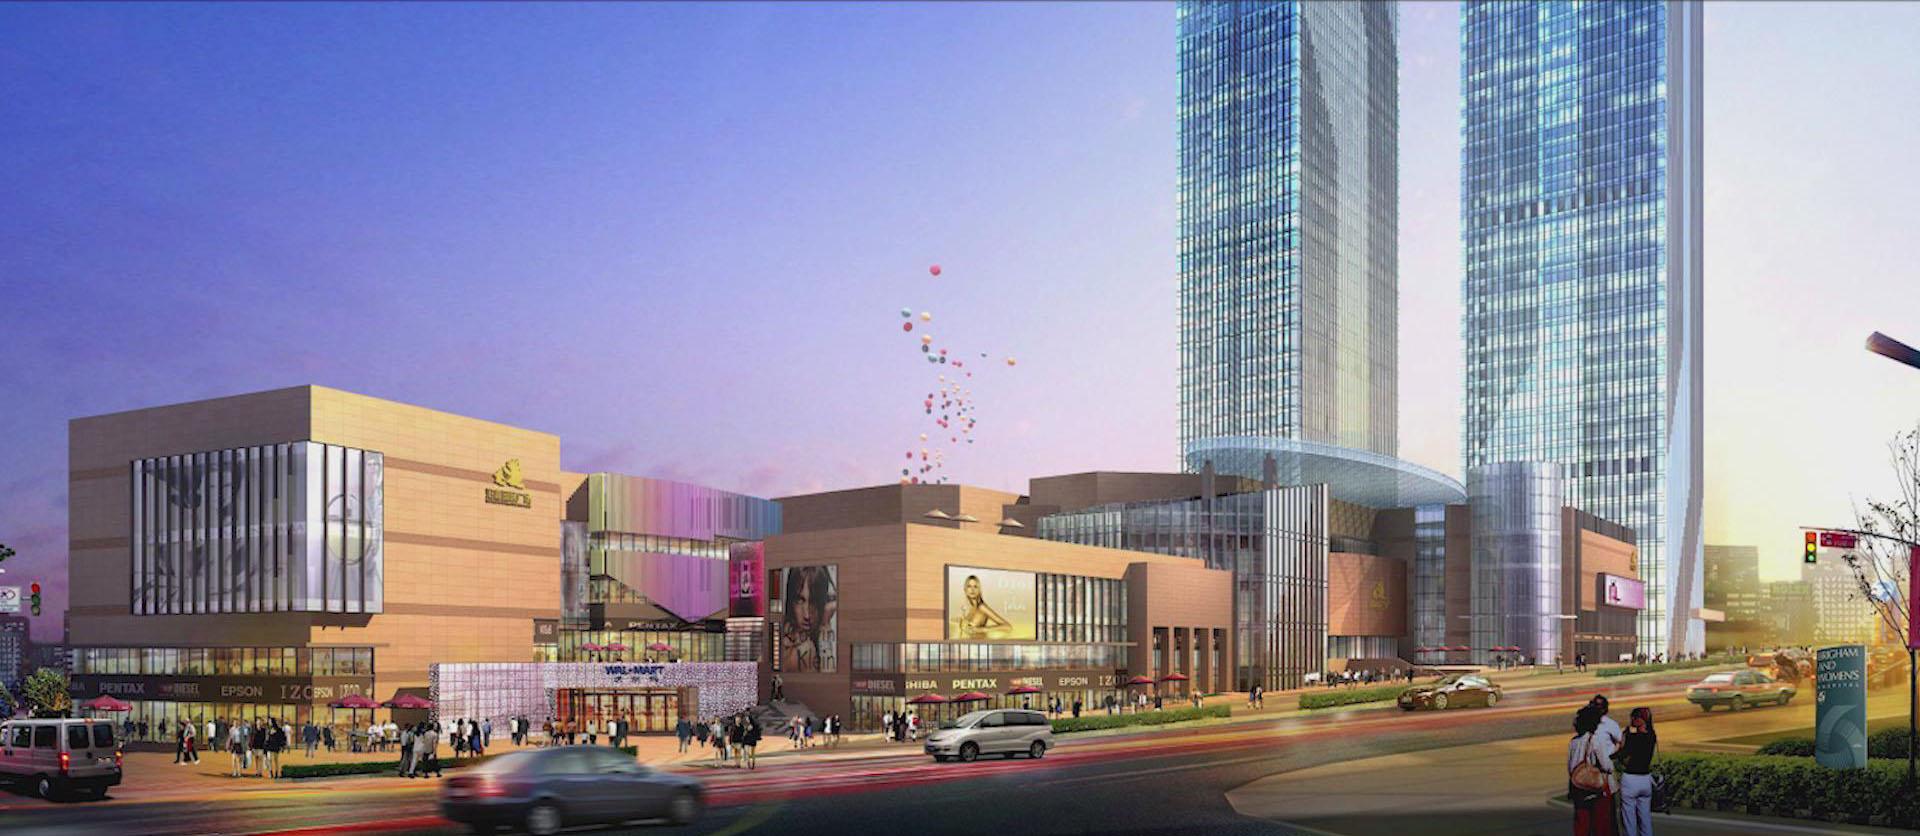 與部分典型民用建筑合作的項目-長沙泊富國際廣場